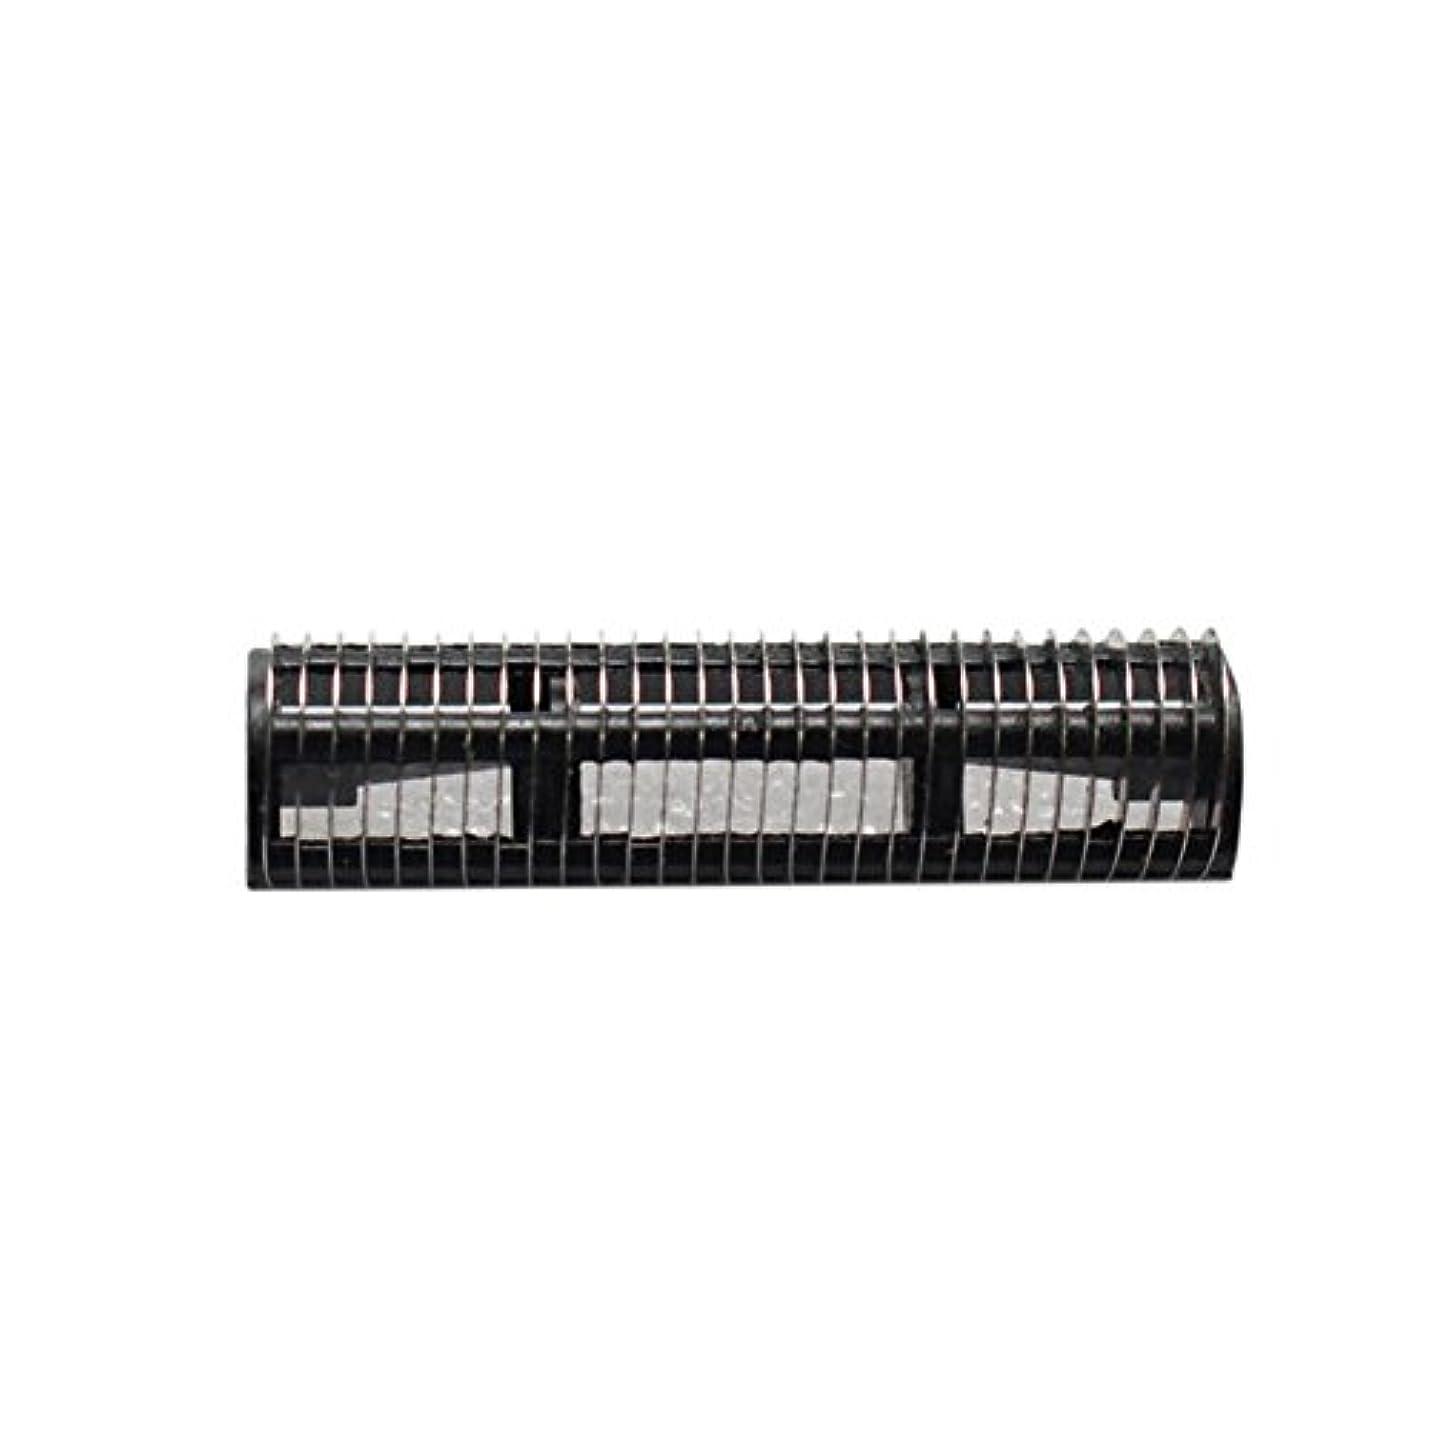 名目上の慈悲深い窒素HZjundasi Replacement シェーバー 刃 for Braun 5S/614/3000 Model BS575 3610 P10 555